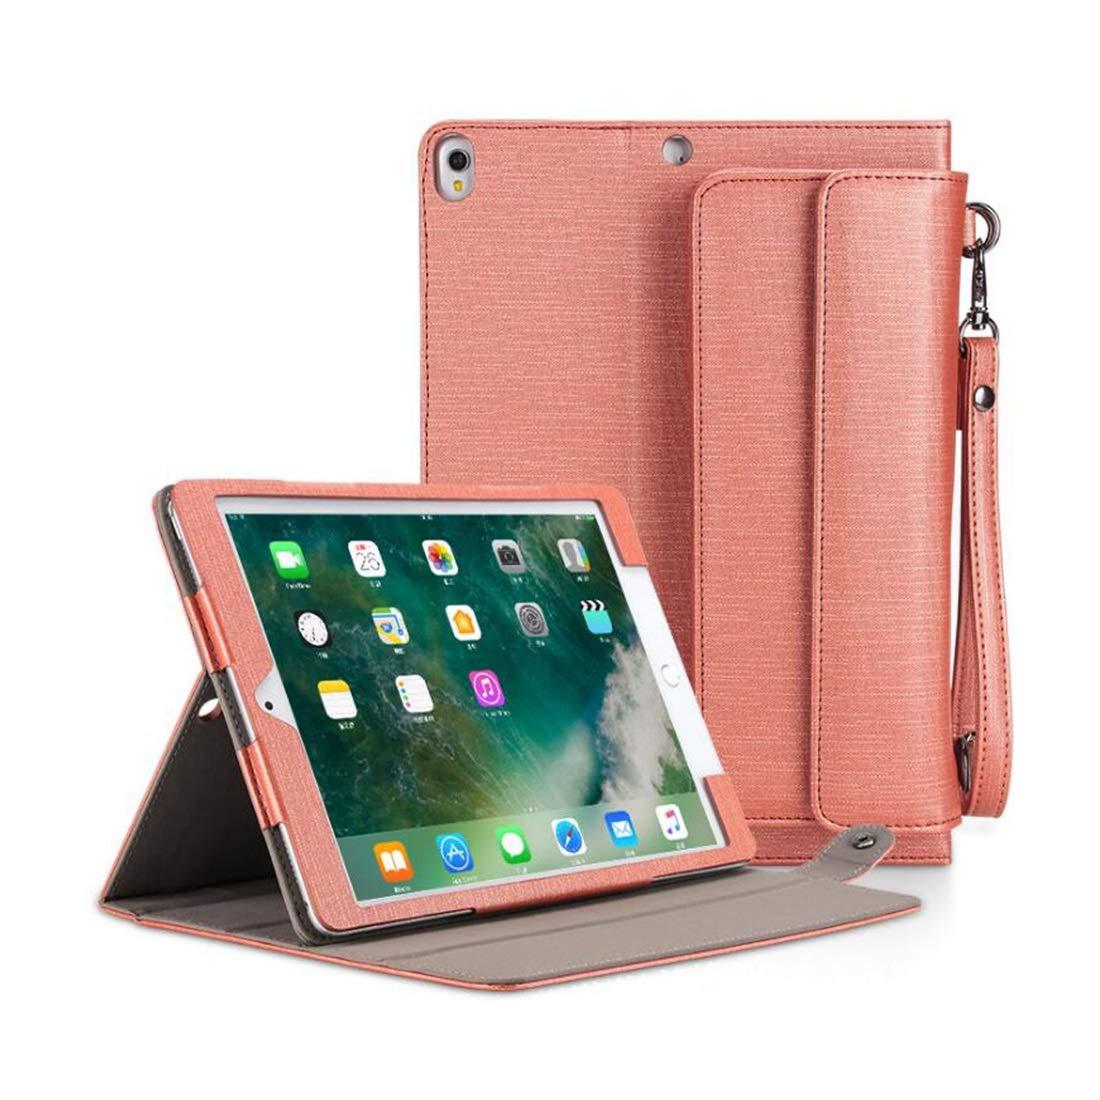 【史上最も激安】 KRPENRIO iPad Pro Apple 10.5用ケース 超スリム 軽量 ブラウン) スタンド スマート : ケース シェル バックカバー付き ハンドル ハンドグリップ & ショルダー ストラップ Apple iPad Pro 10.5インチ対応 (カラー : ブラウン) B07L88P2KX, 門前町:fc3848ea --- a0267596.xsph.ru